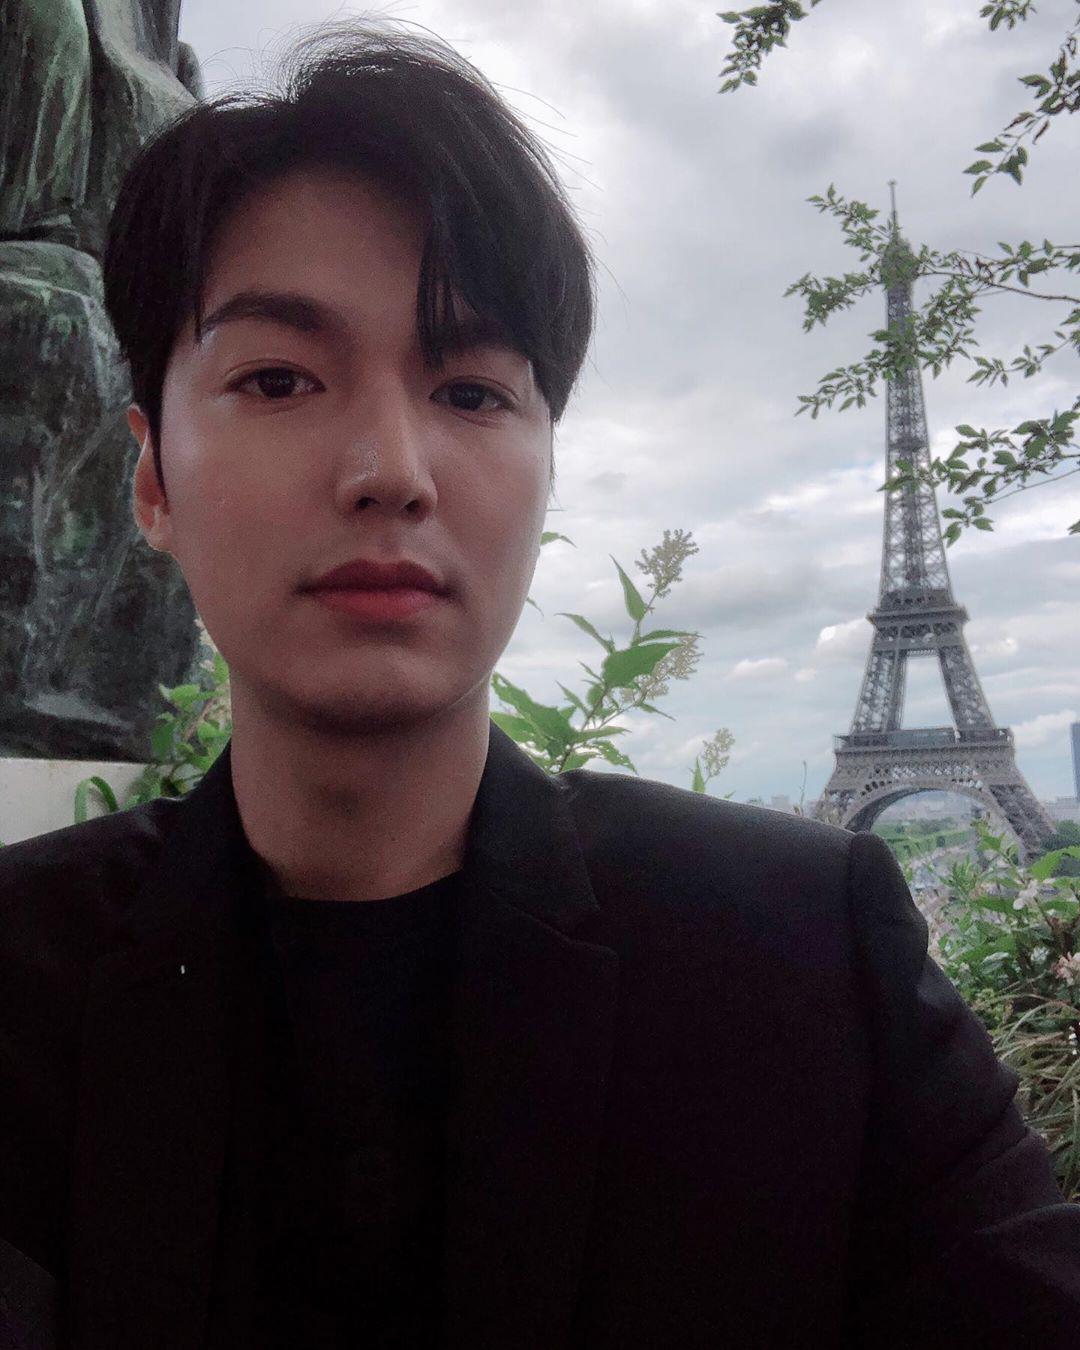 Khoe ảnh đẹp trai và sang chảnh ở Paris, nhưng Lee Min Ho sao lại lộ sống mũi cao vều như mỏ vịt thế này? - Ảnh 3.